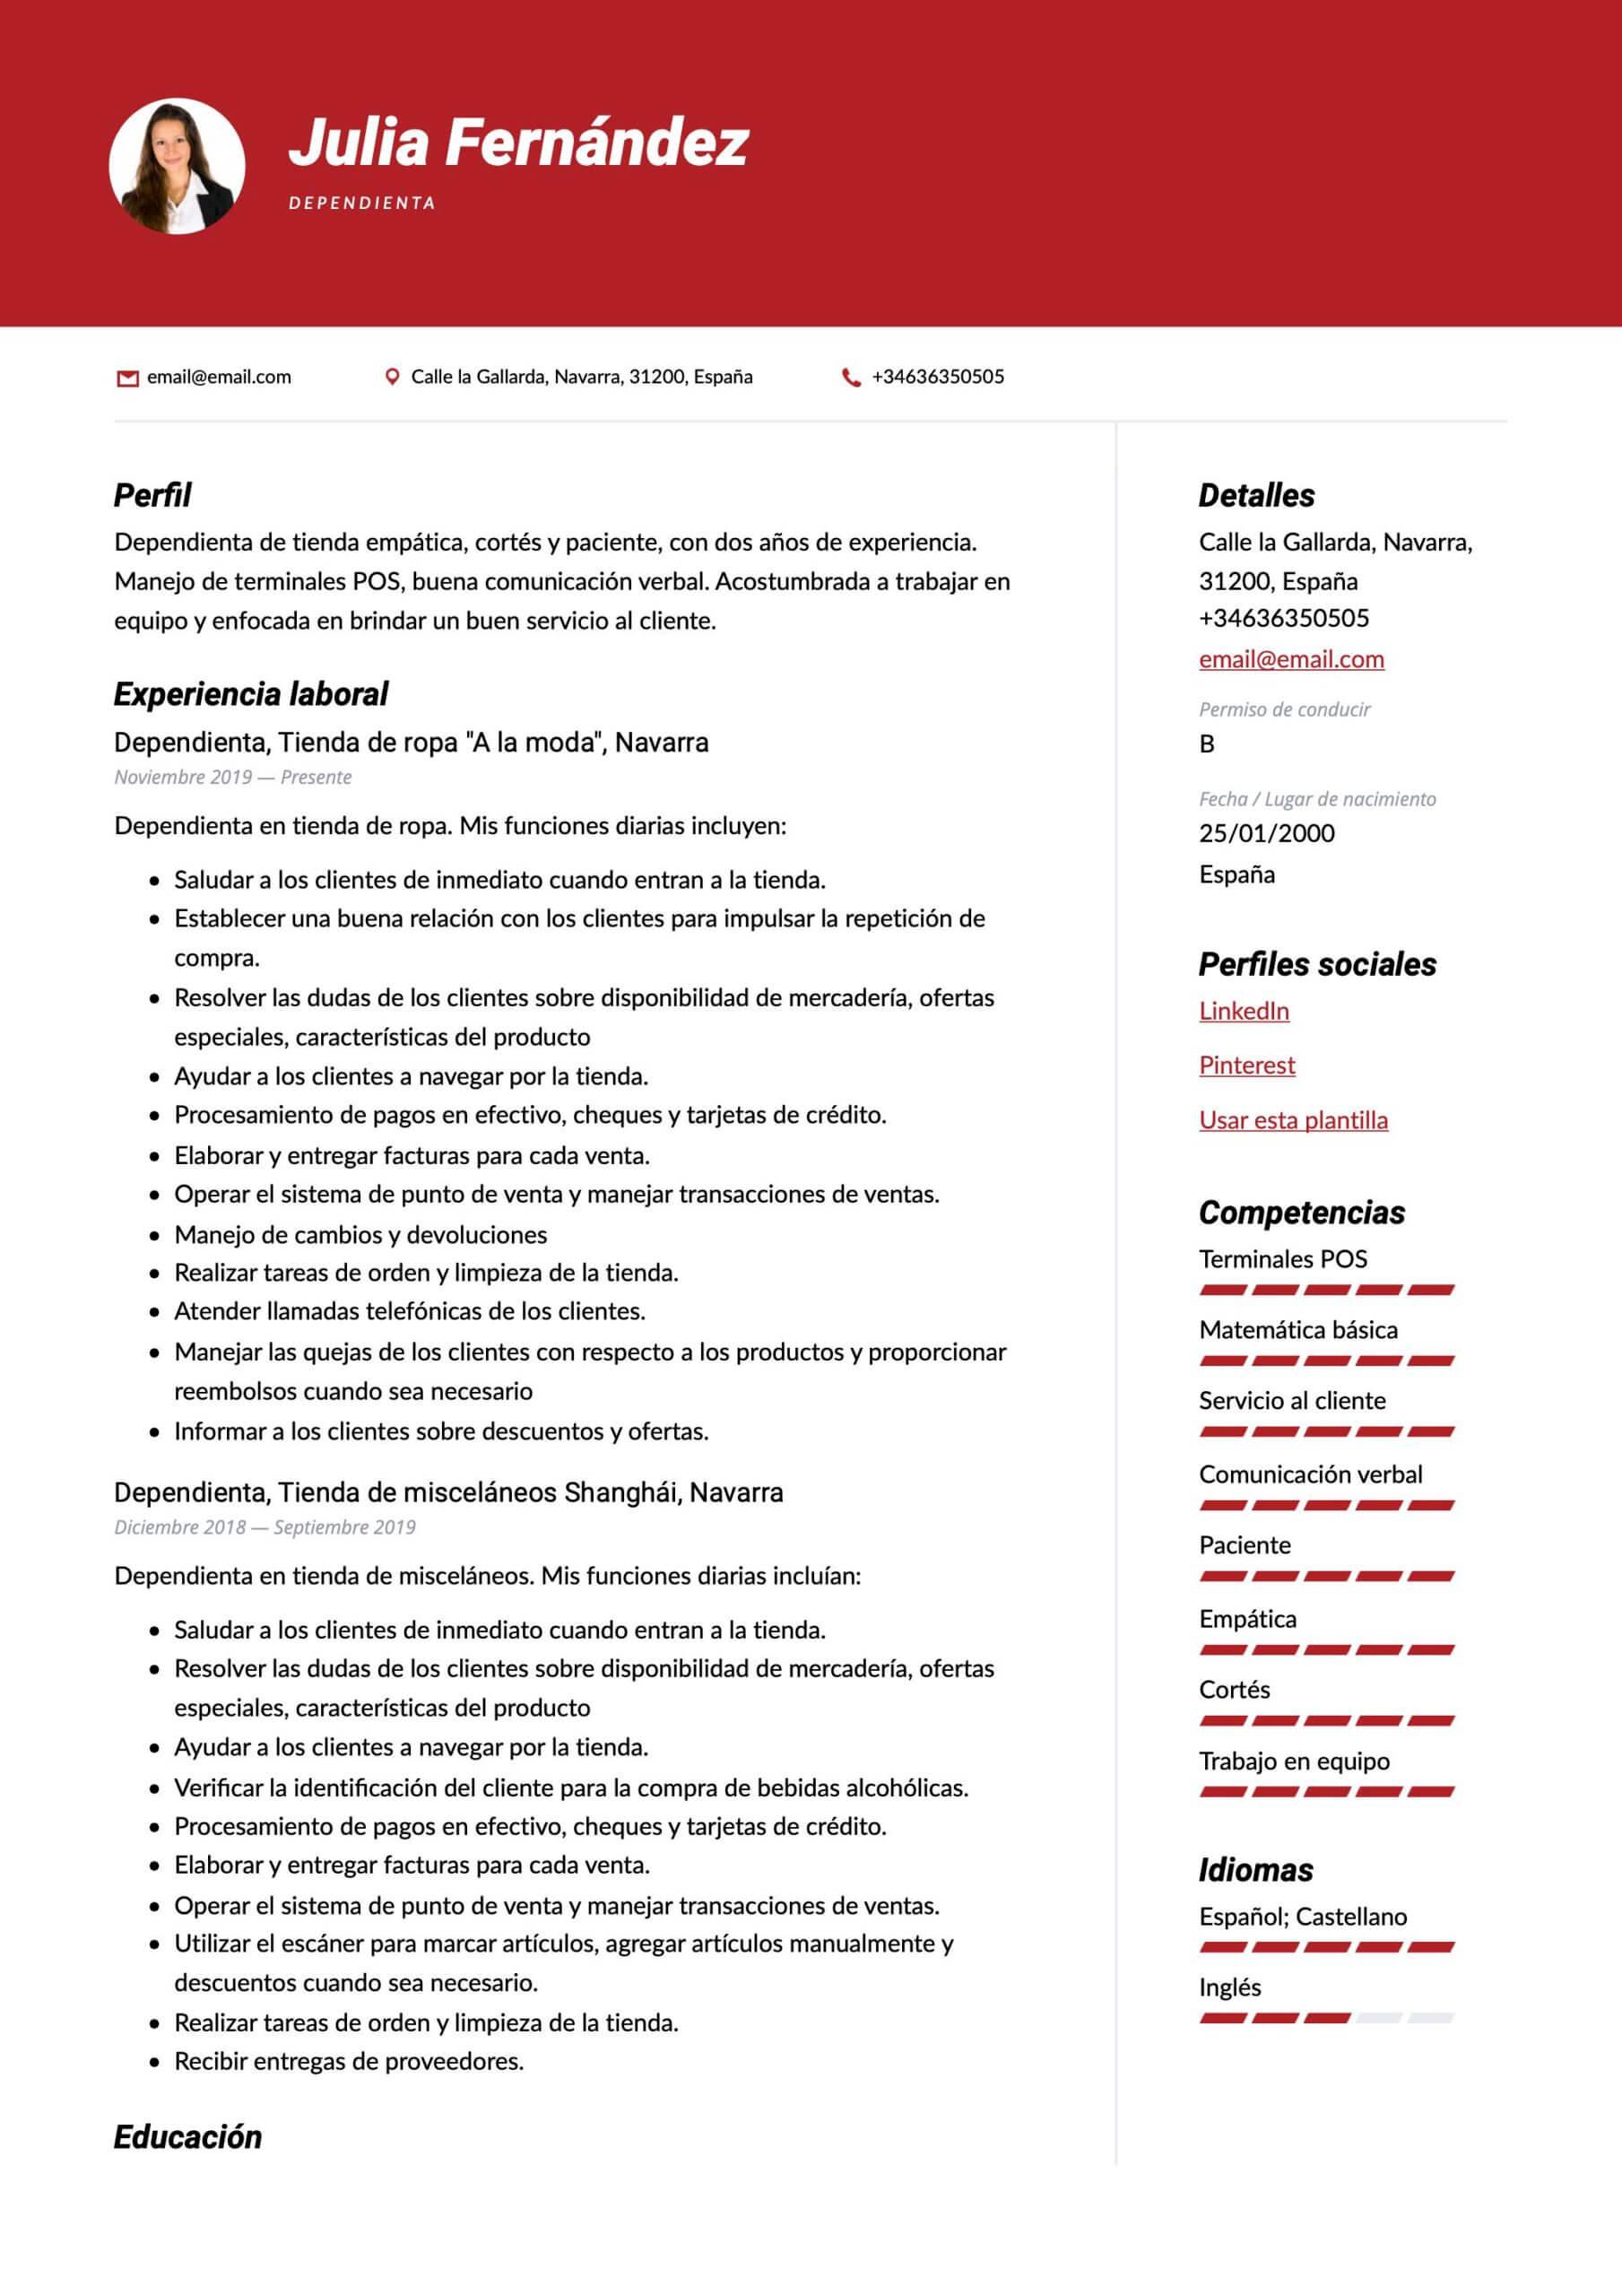 Plantilla de CV para Dependienta